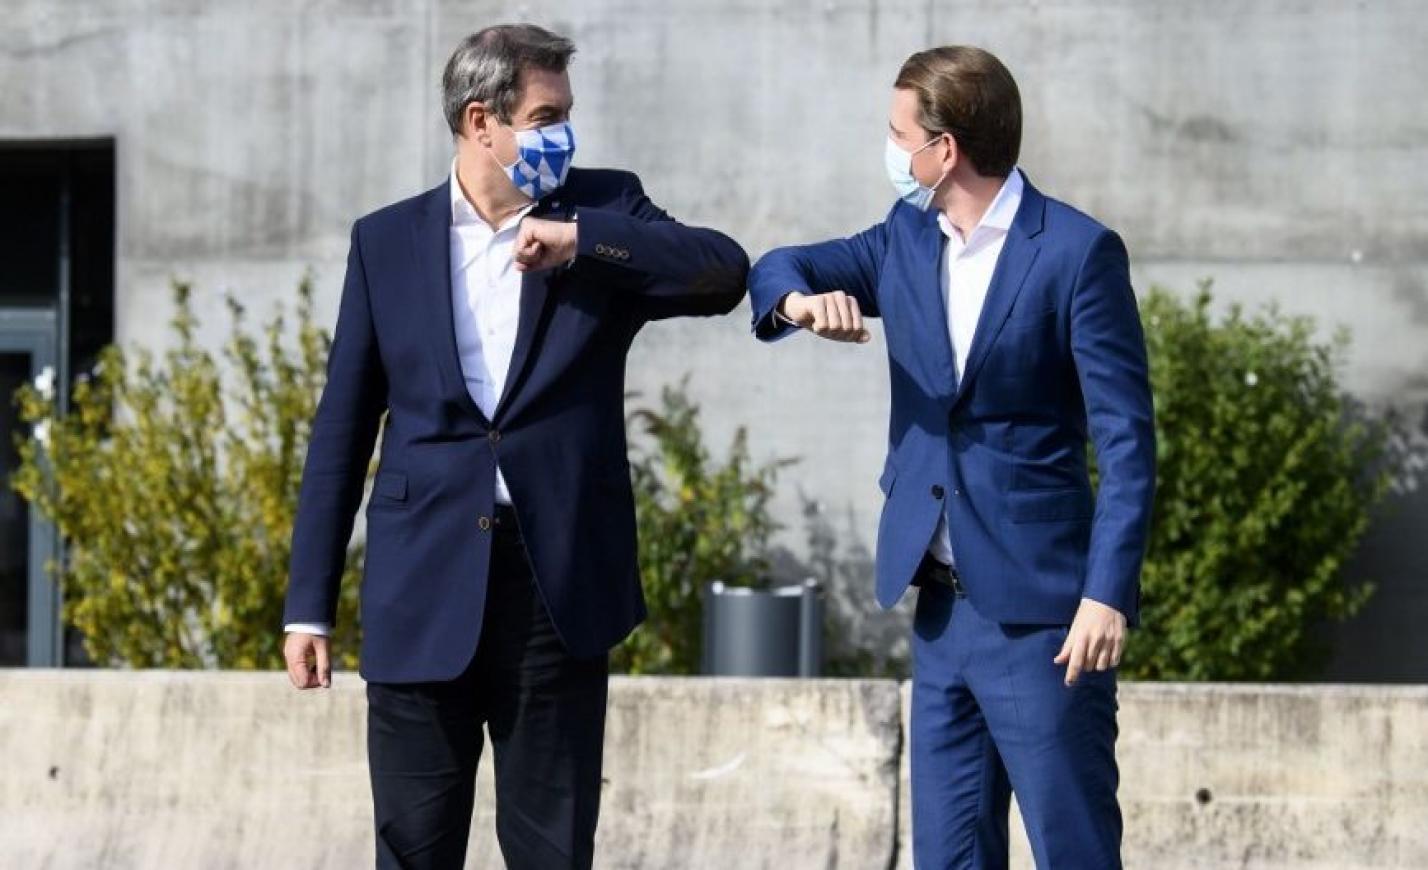 Biztonságos síelést ígér az osztrák kancellár